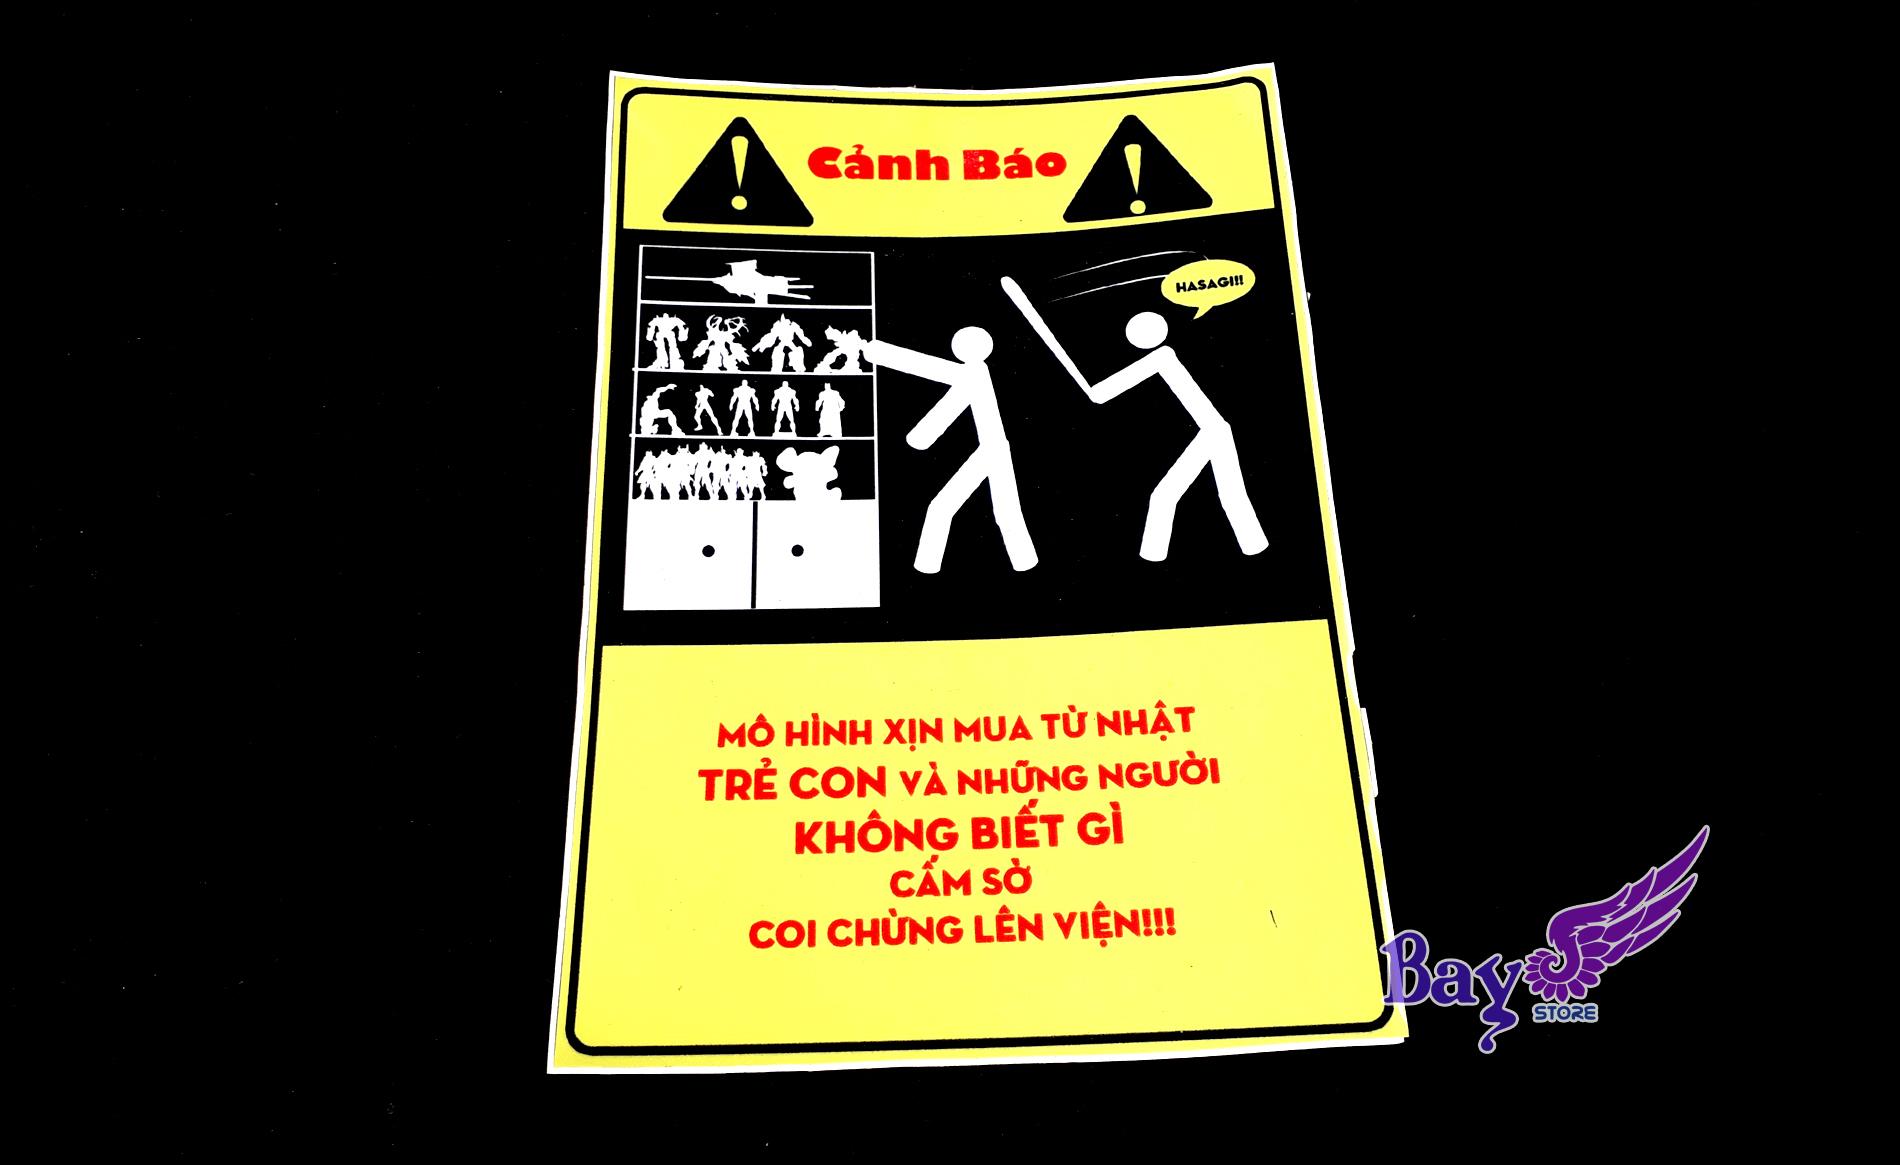 ✅ Bảng cảnh báo OTAKU 1